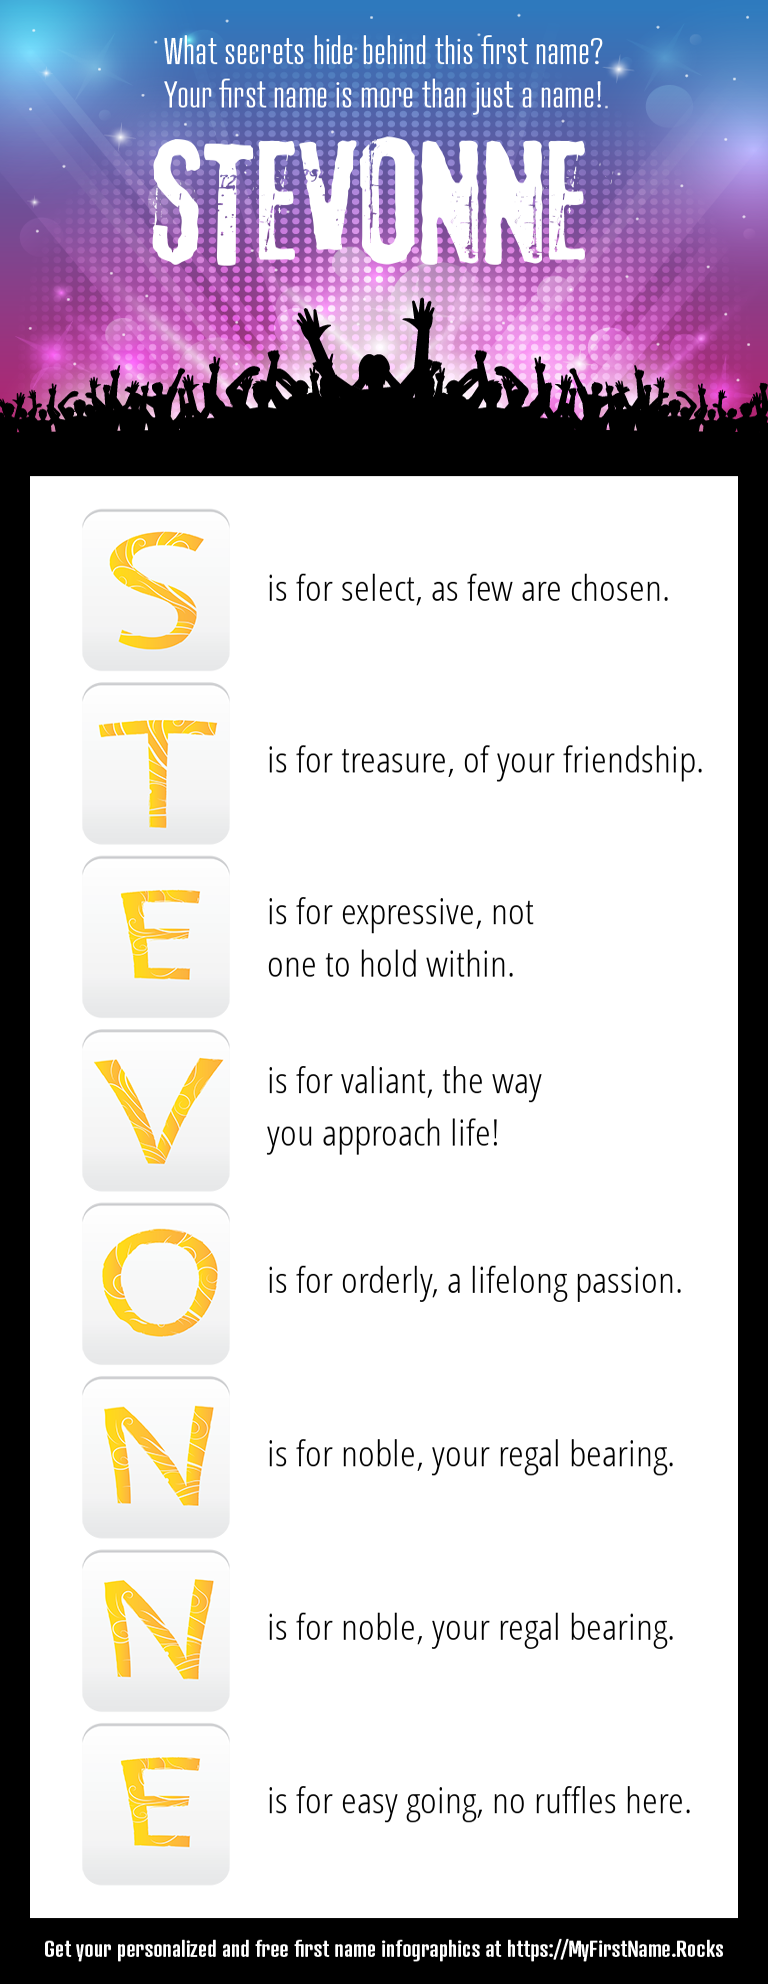 Stevonne Infographics